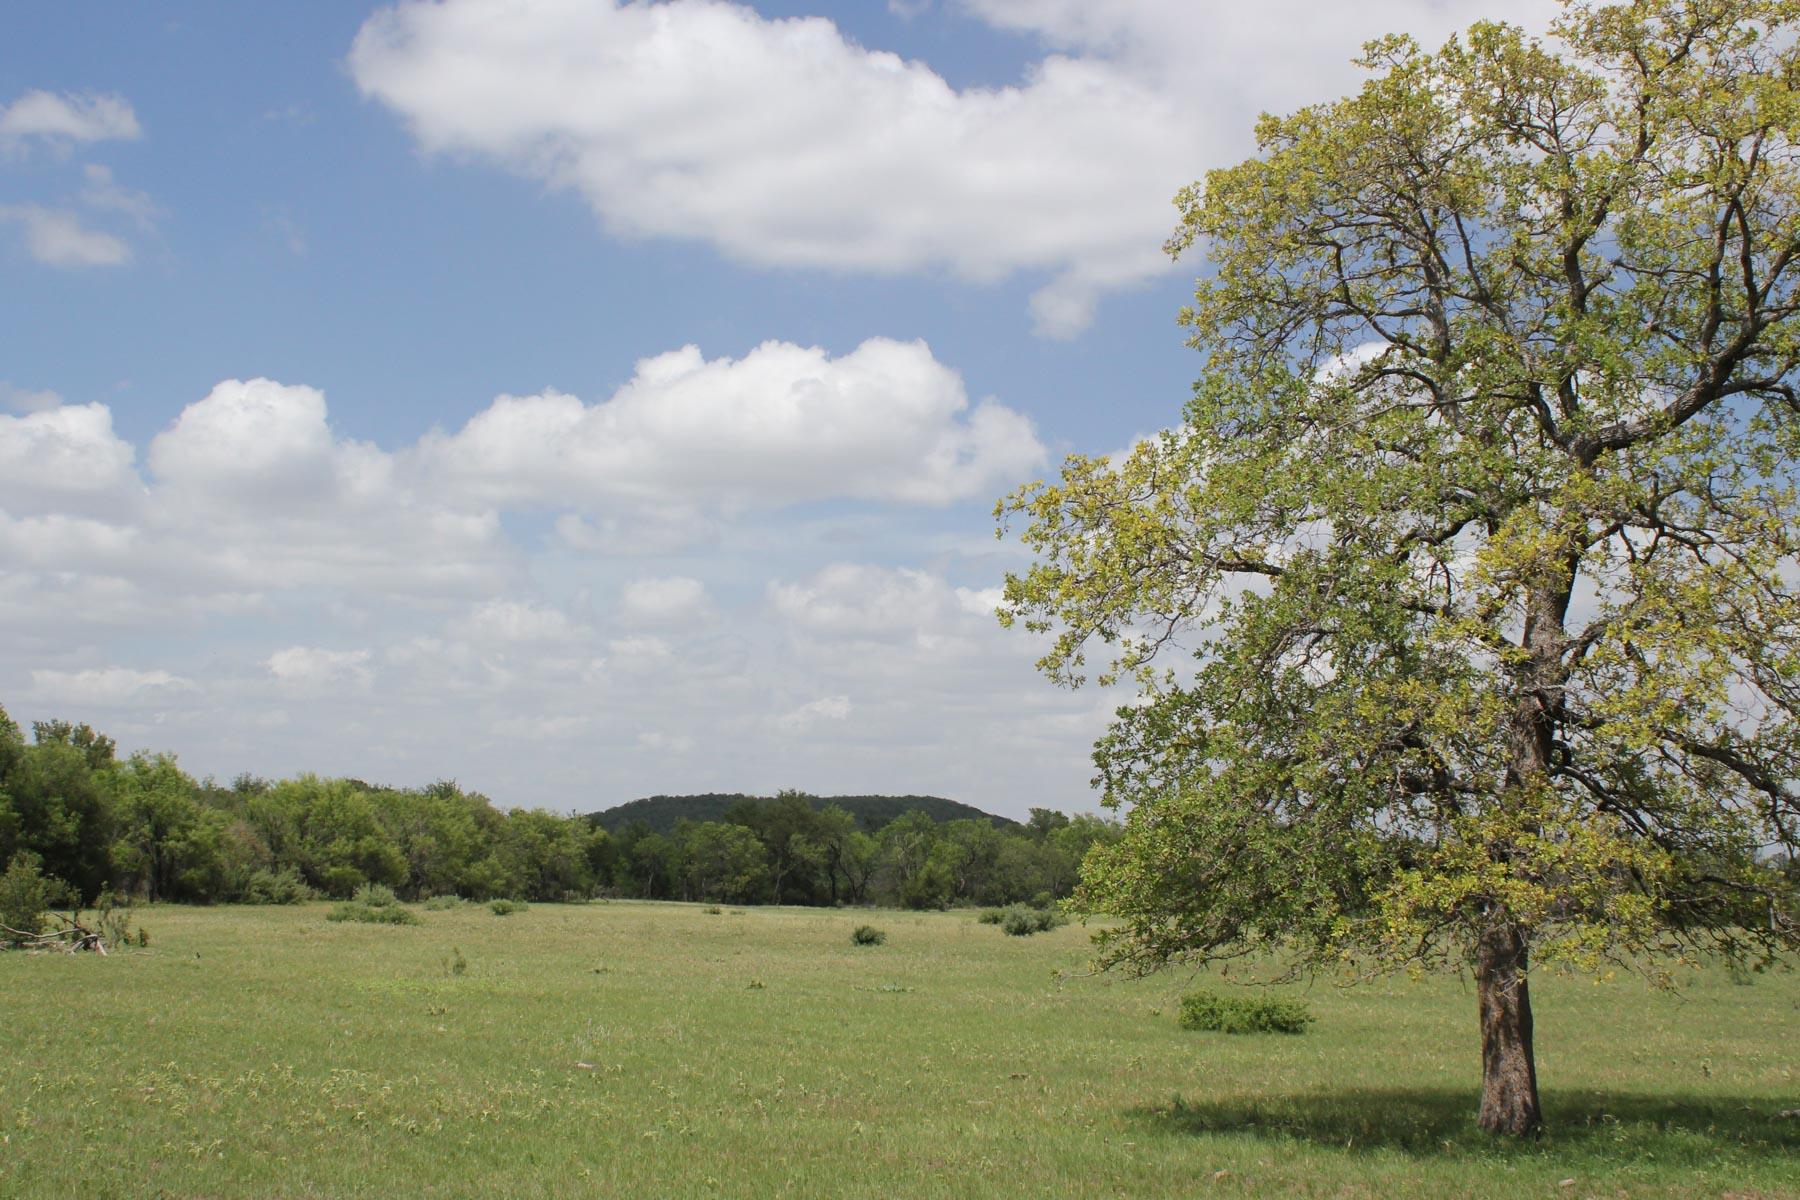 Arazi için Satış at 15378 Co Rd 136 Parcel 1, Gordon Gordon, Teksas, 76453 Amerika Birleşik Devletleri